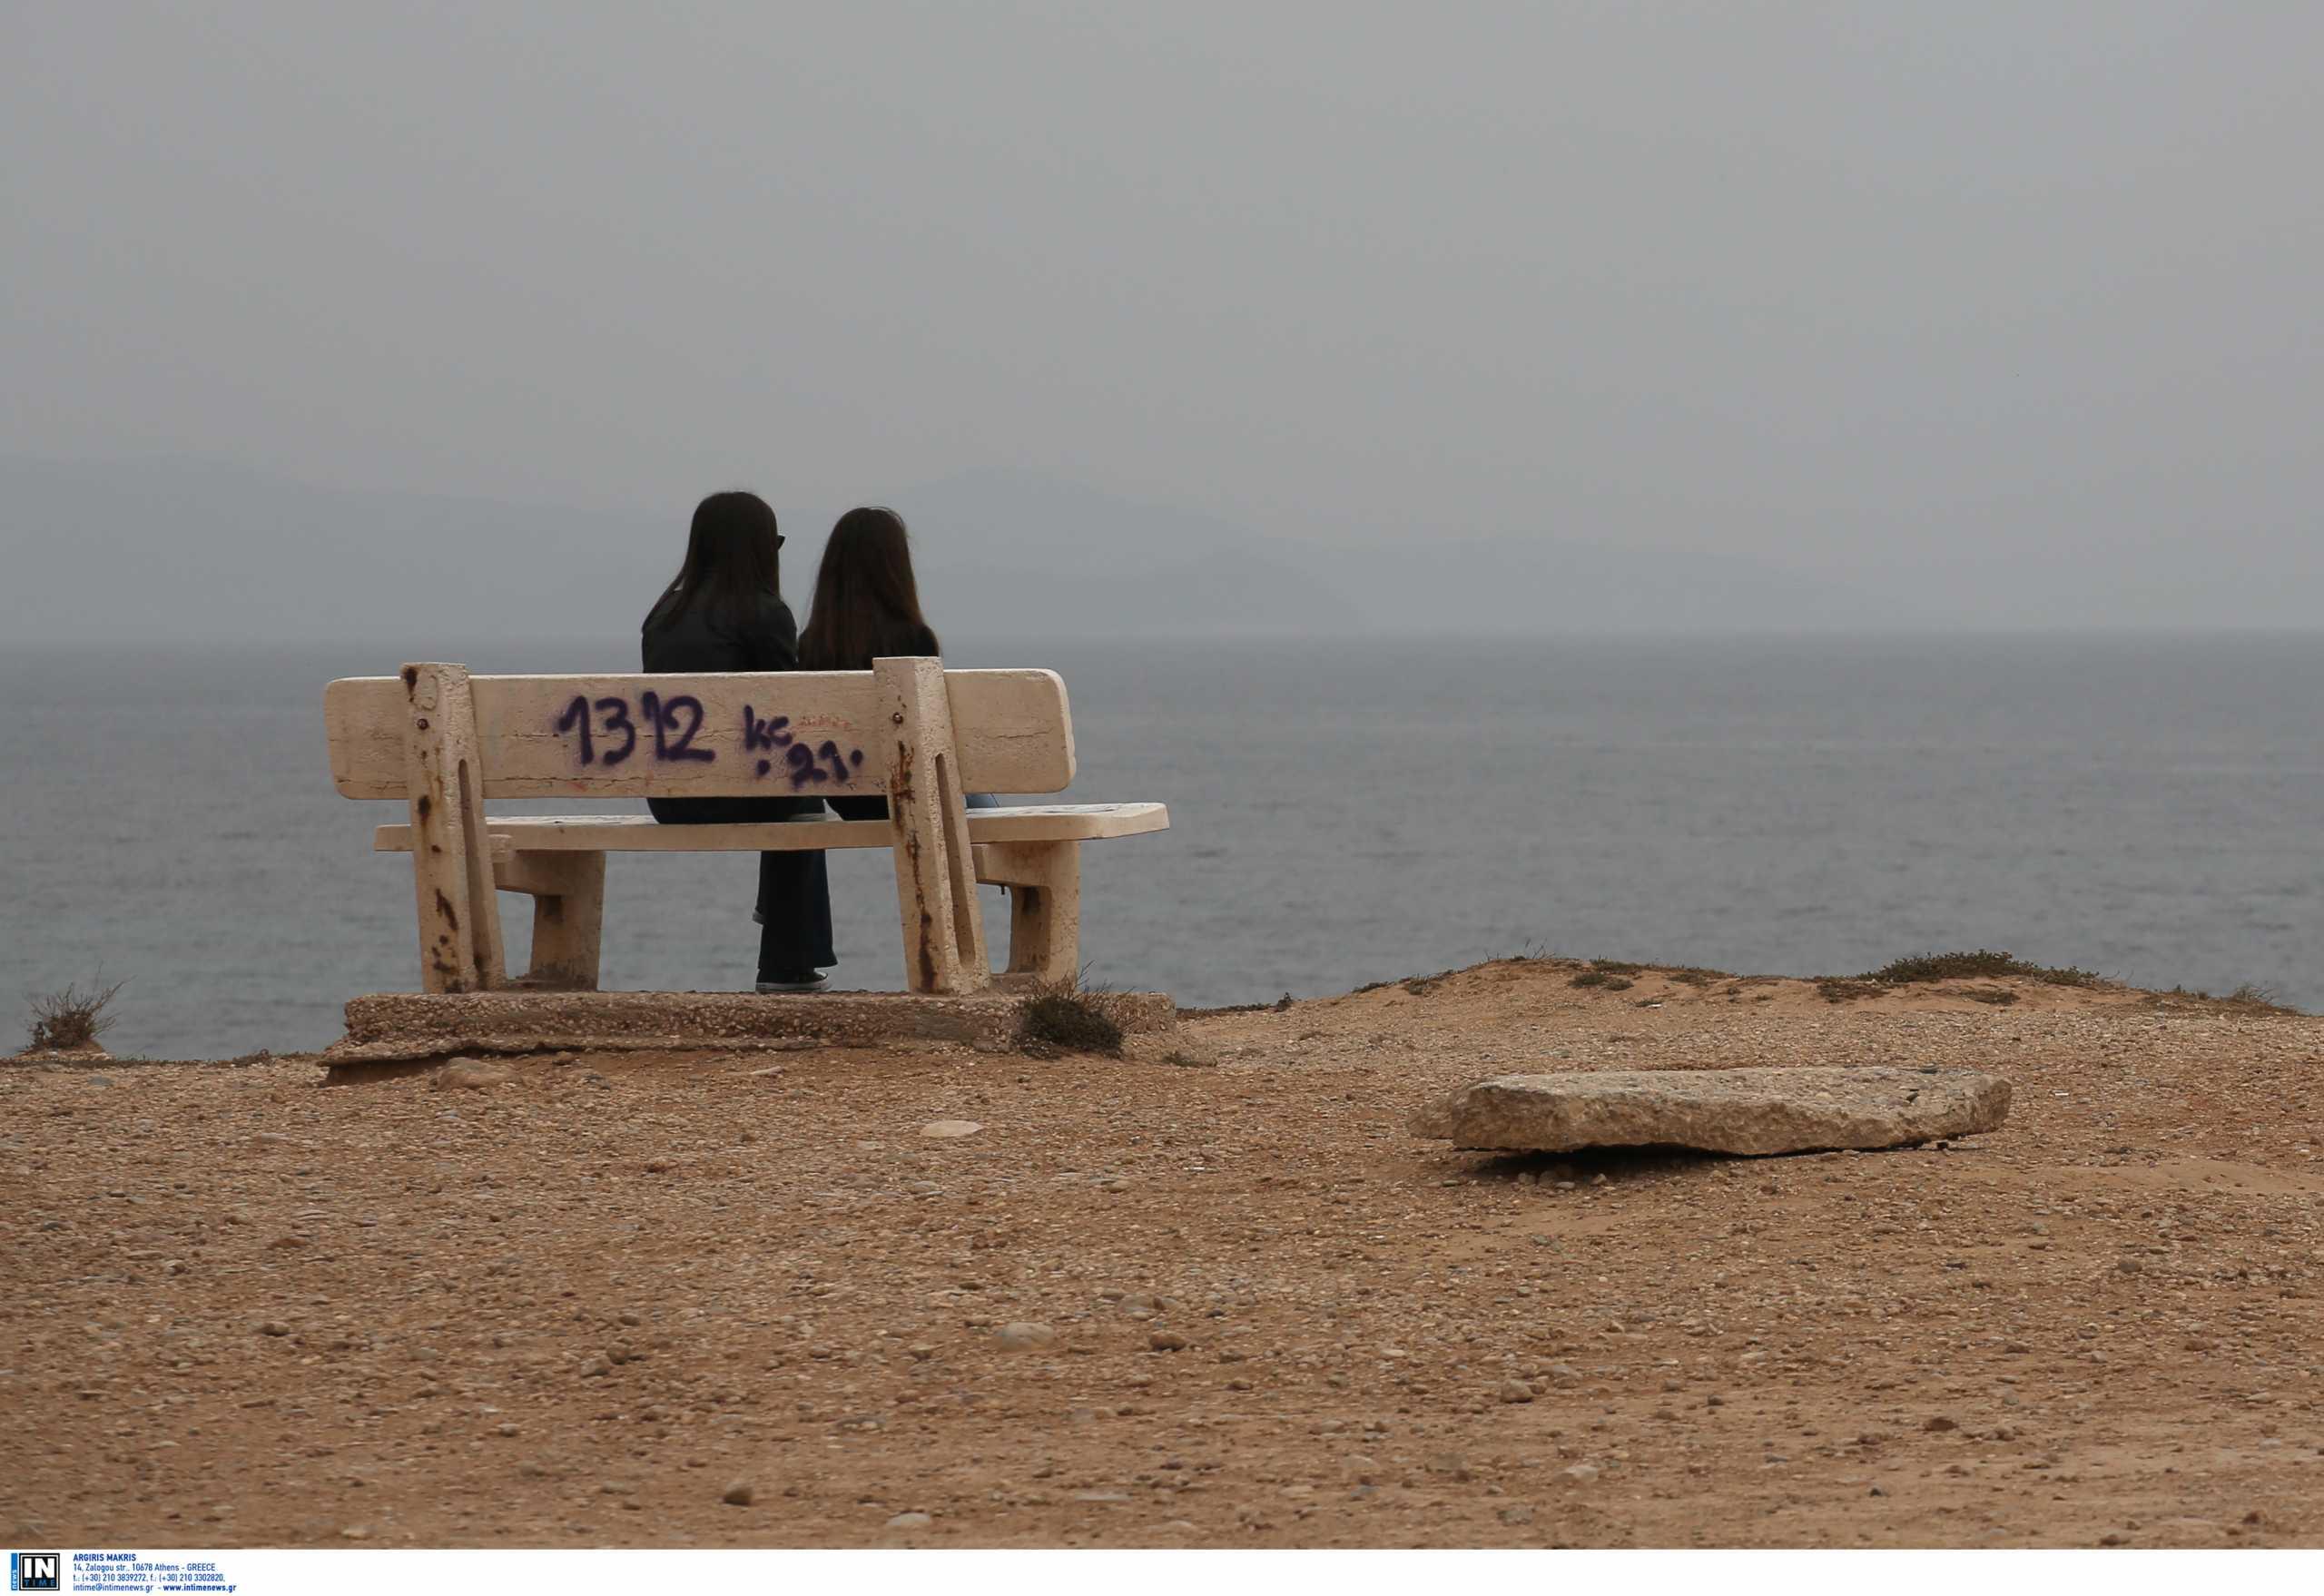 Λύματα: Καμία αποκλιμάκωση αλλά αύξηση στην Αττική – Τα στοιχεία που τρομάζουν